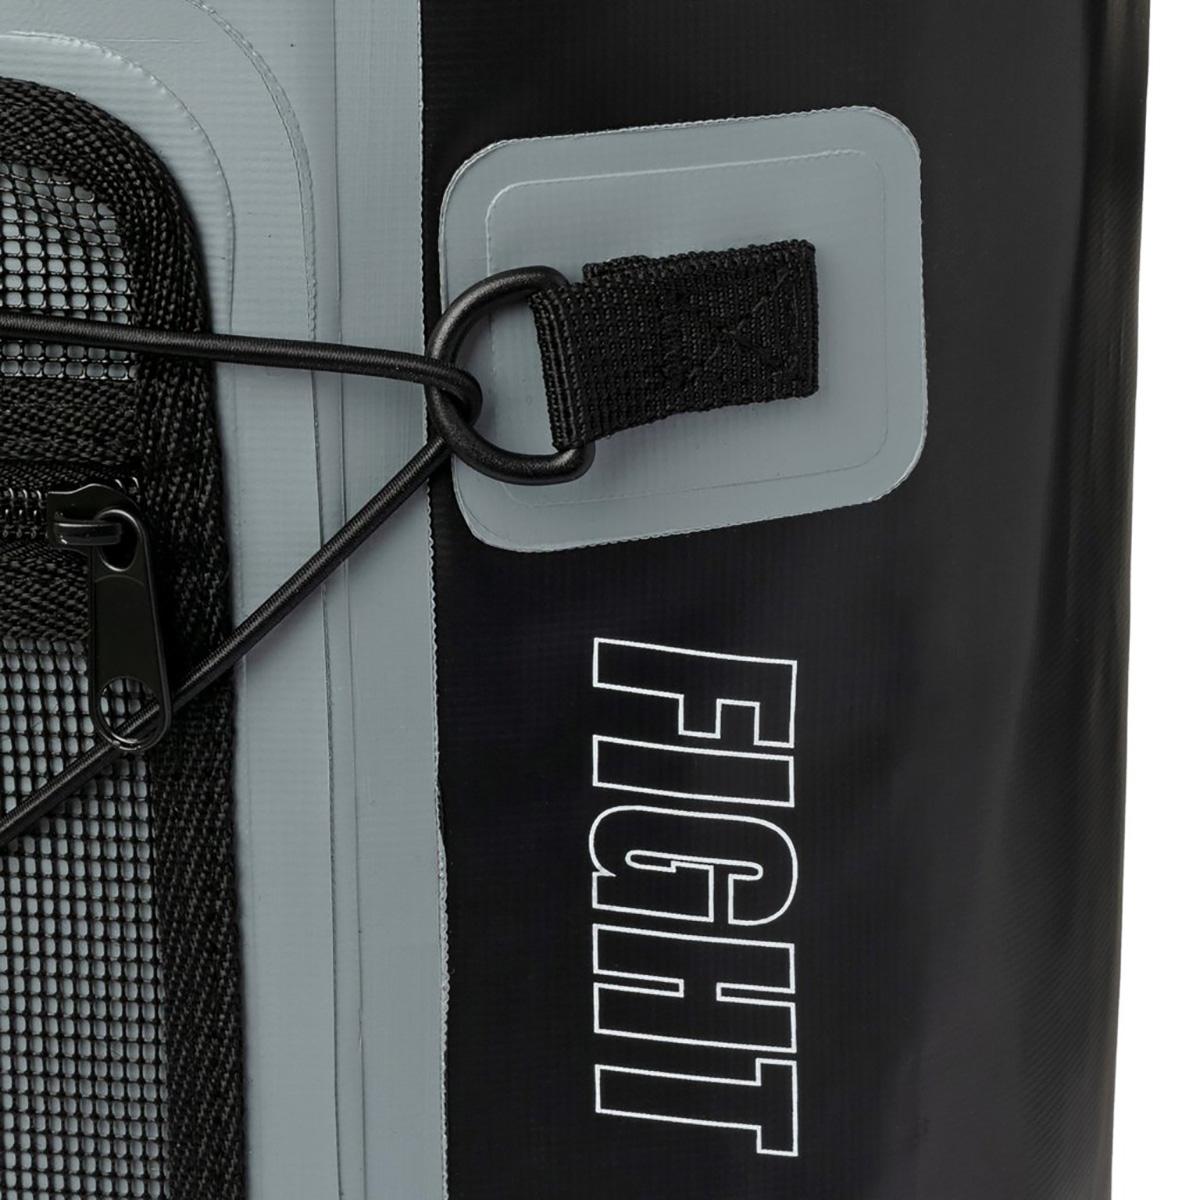 thumbnail 6 - Tatami-Fightwear-30L-Dry-Tech-Gear-Bag